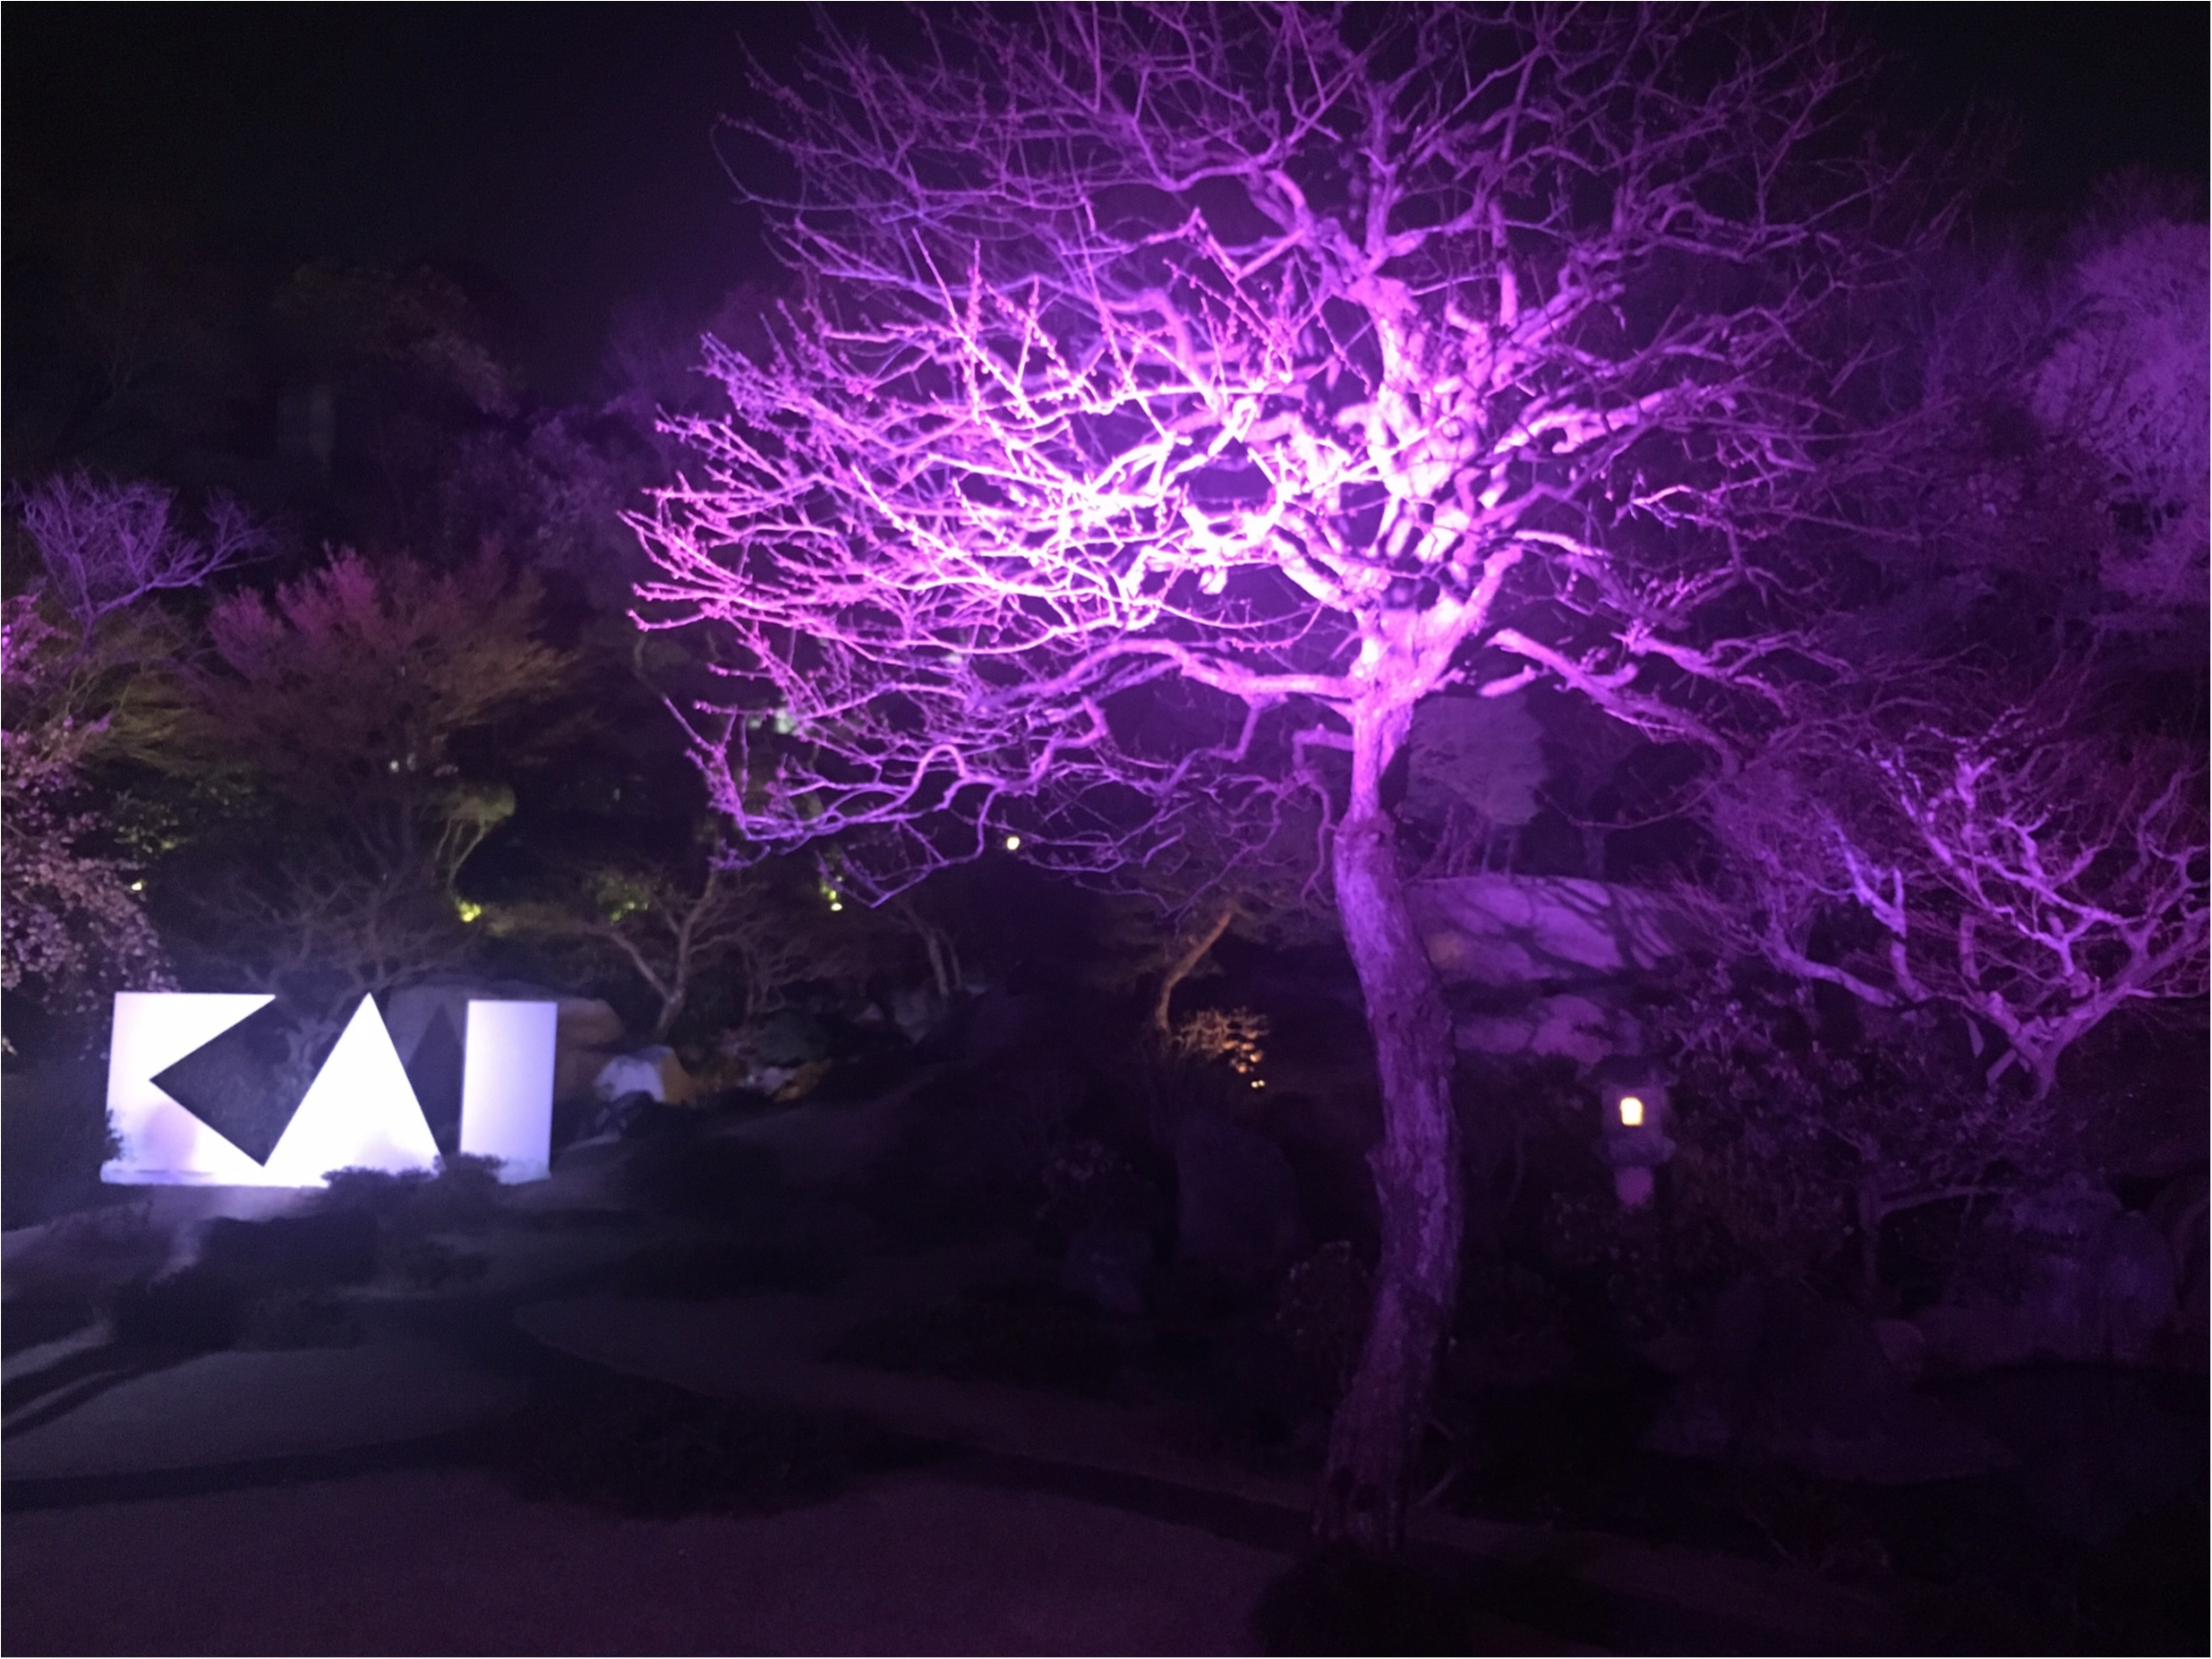 『貝印』シークレットイベント「KAI BEAUTY PARTY」にライターゆうりが潜入! そこは桜舞うスペシャルな空間♡_9